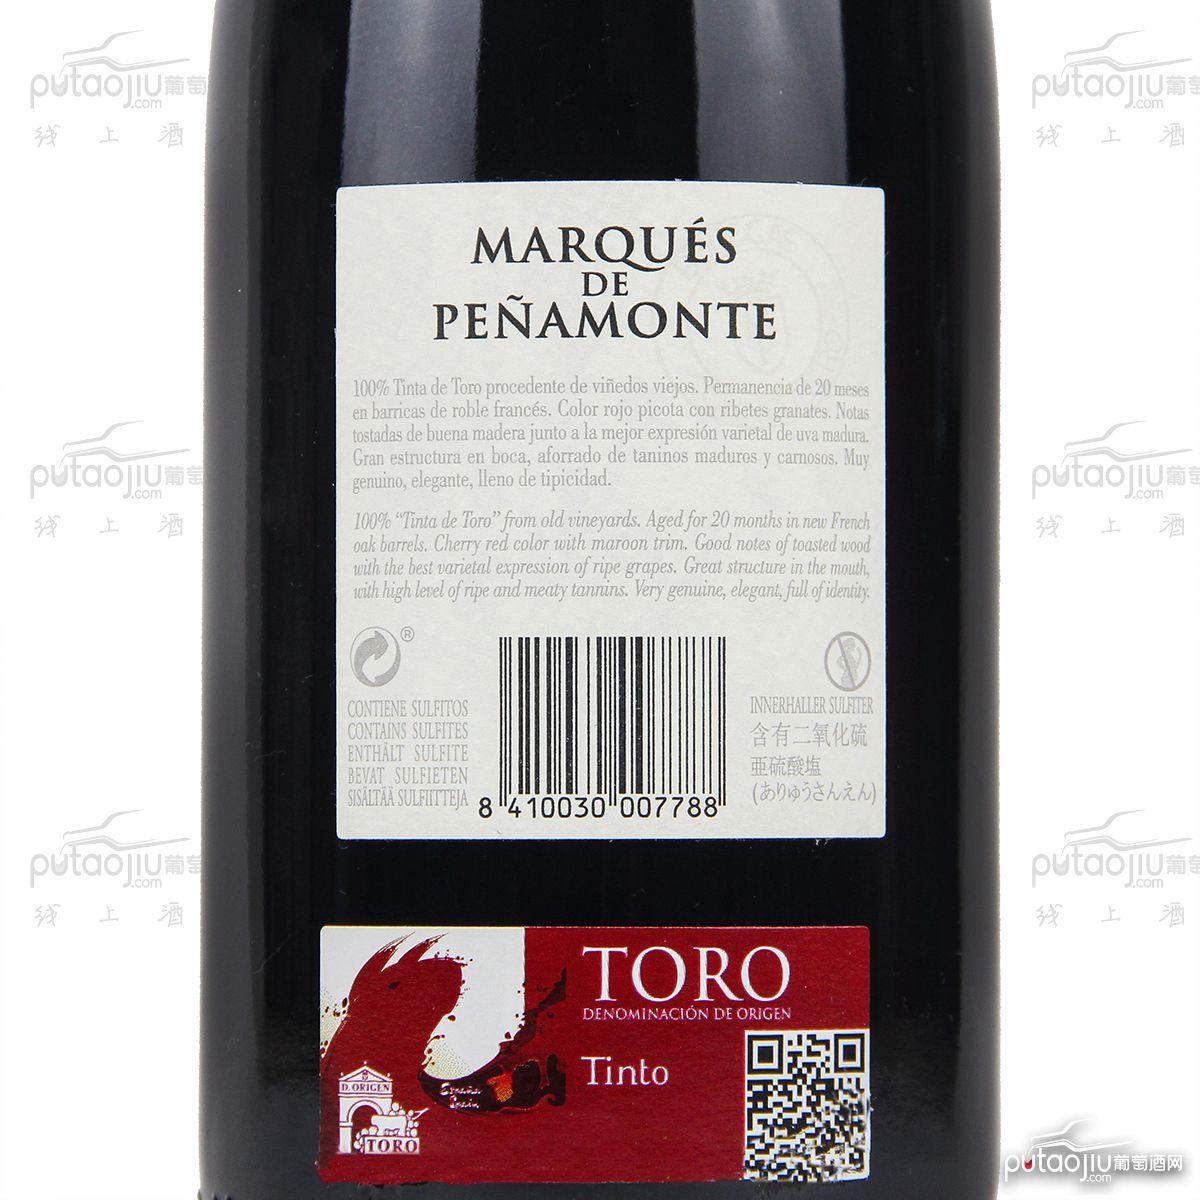 西班牙托罗产区托雷杜埃罗酒庄丹魄佩尼侯爵干红葡萄酒